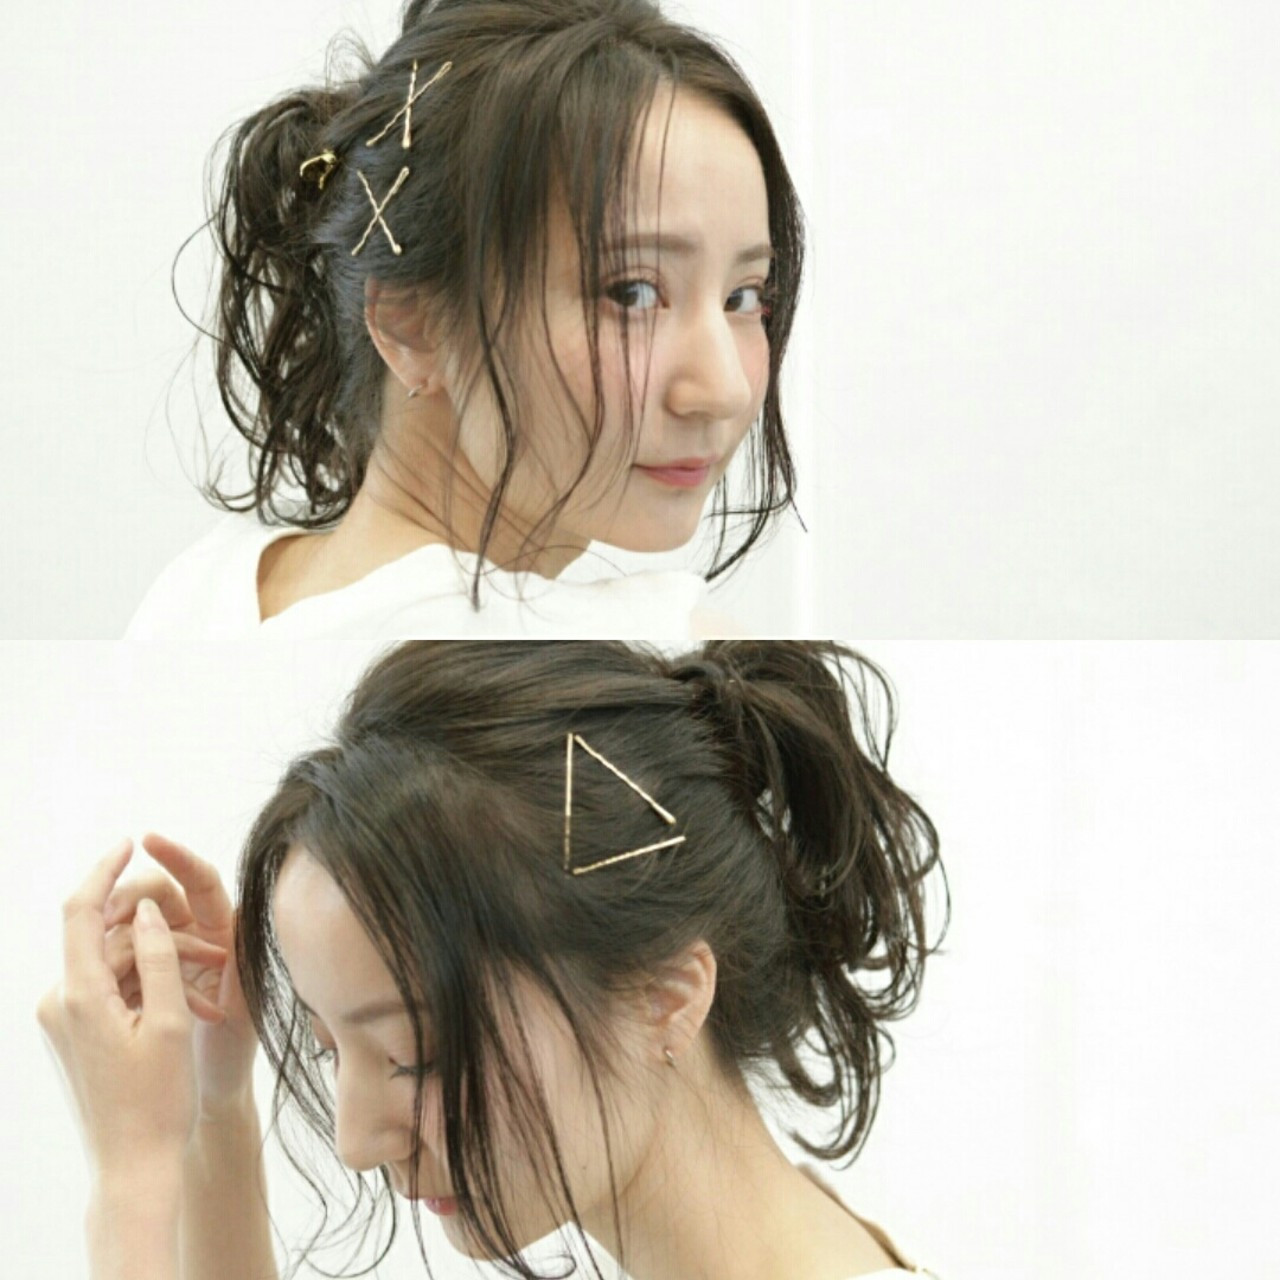 前髪あり ヘアアクセ メッシーバン ヘアピン ヘアスタイルや髪型の写真・画像